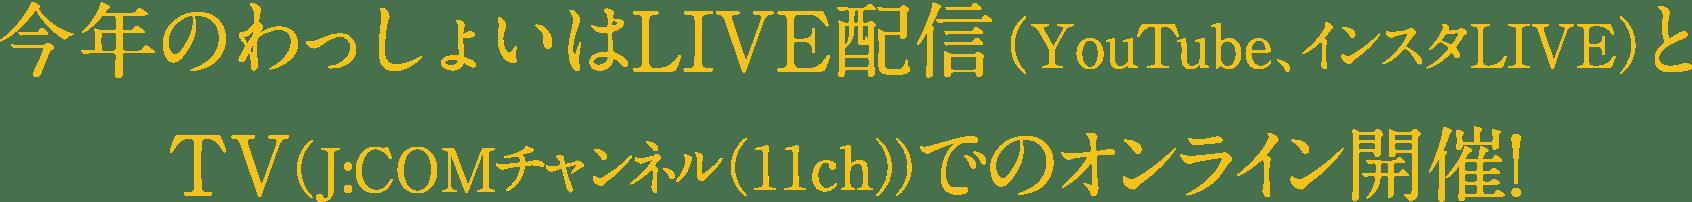 今年の花火はLIVE配信(Youtube、インスタLIVE)とTV(J:COMテレビ)でのオンライン開催!